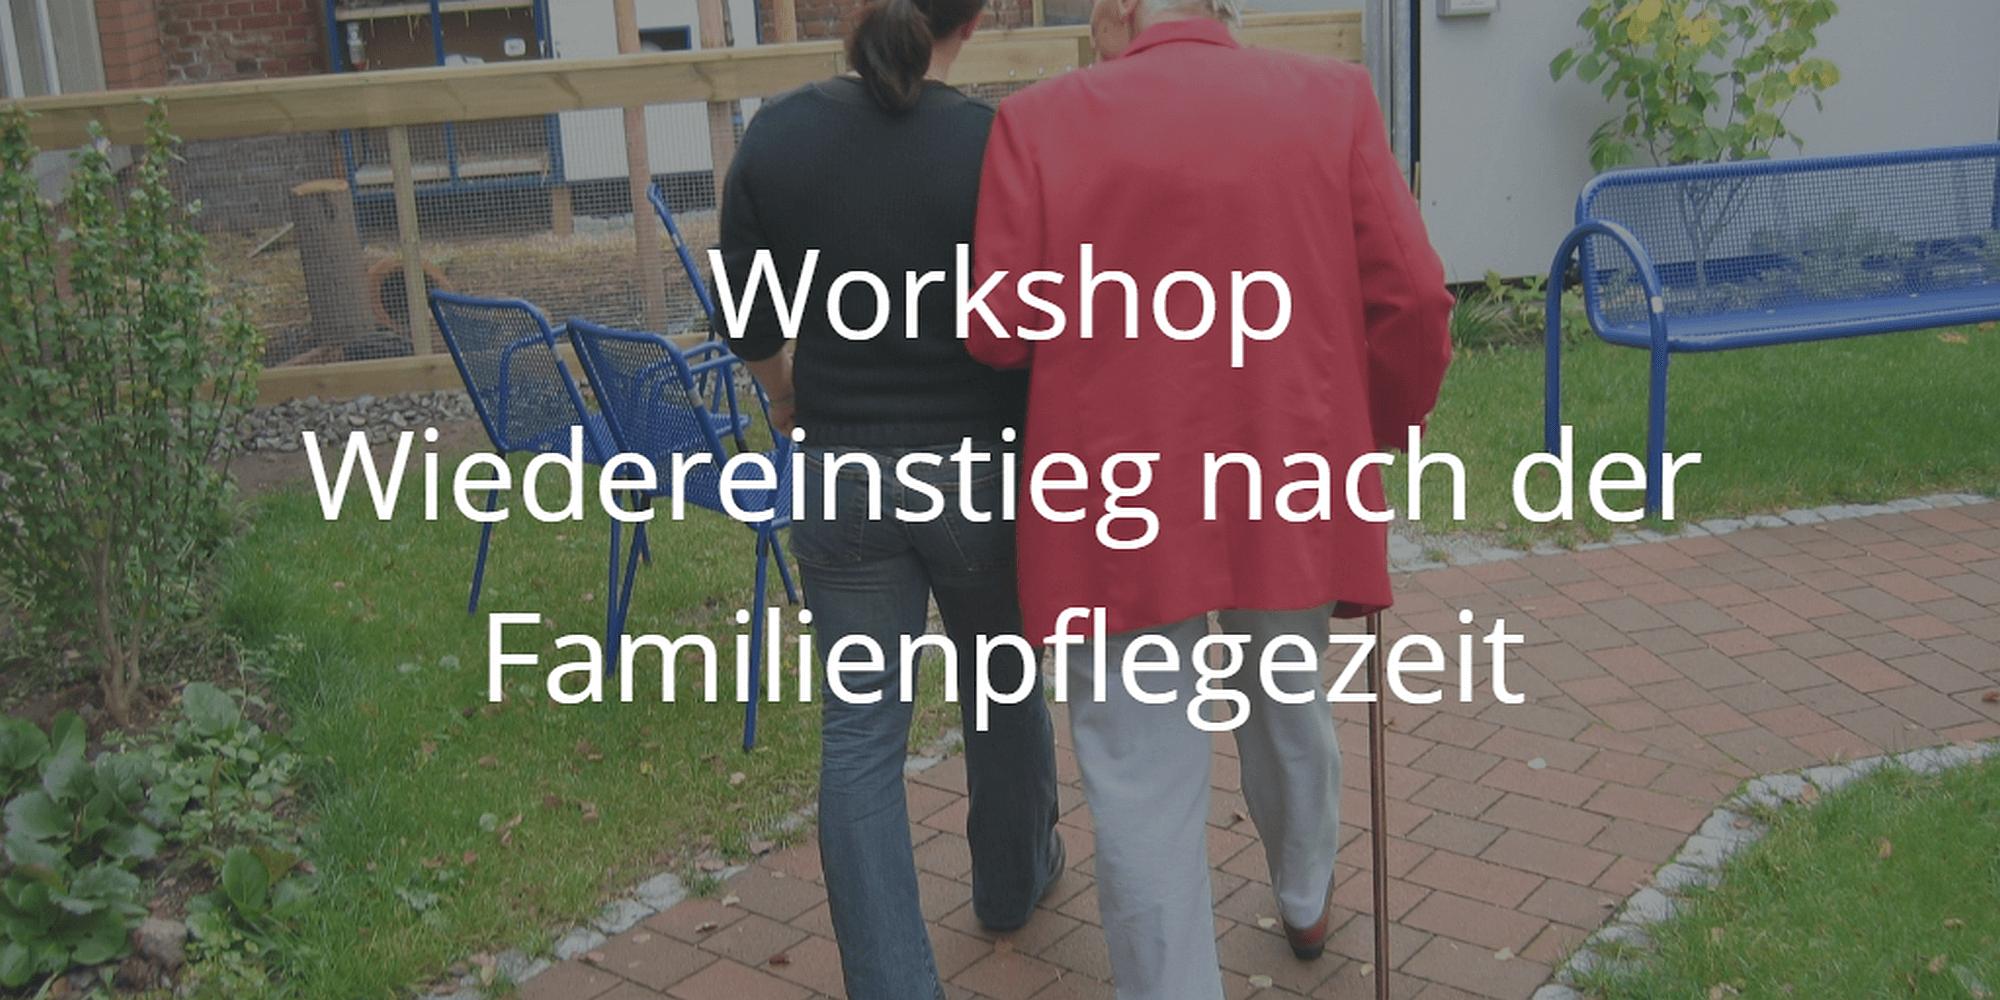 Workshop Wiedereinstieg nach der Familienpflegezeit